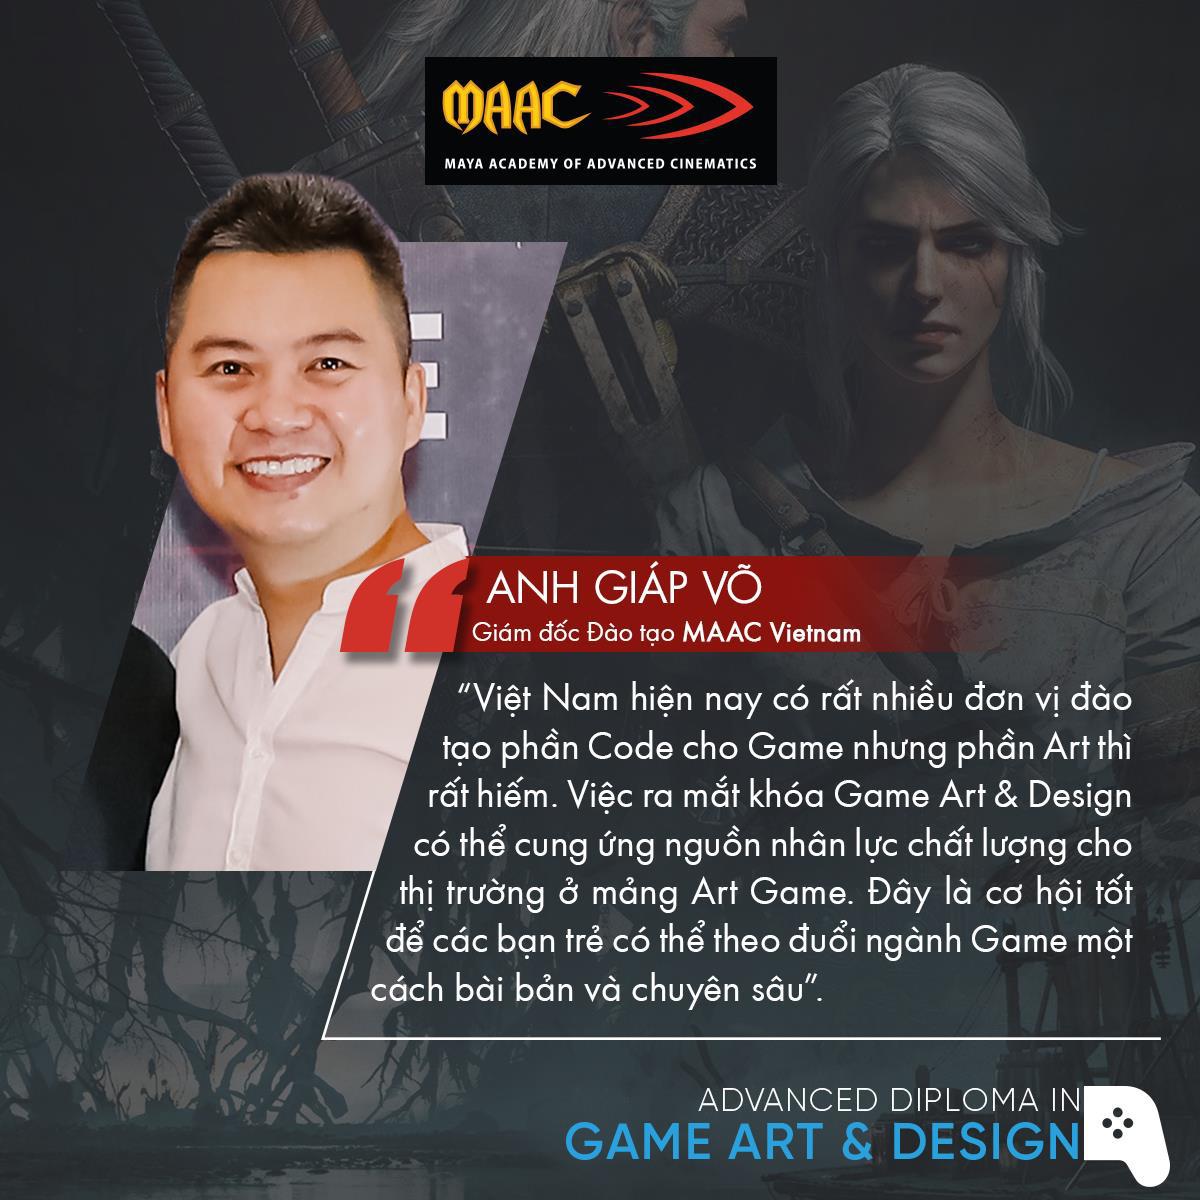 MAAC Vietnam ra mắt chương trình đào tạo Game Art & Design bài bản và chuyên sâu tại Việt Nam - Ảnh 1.